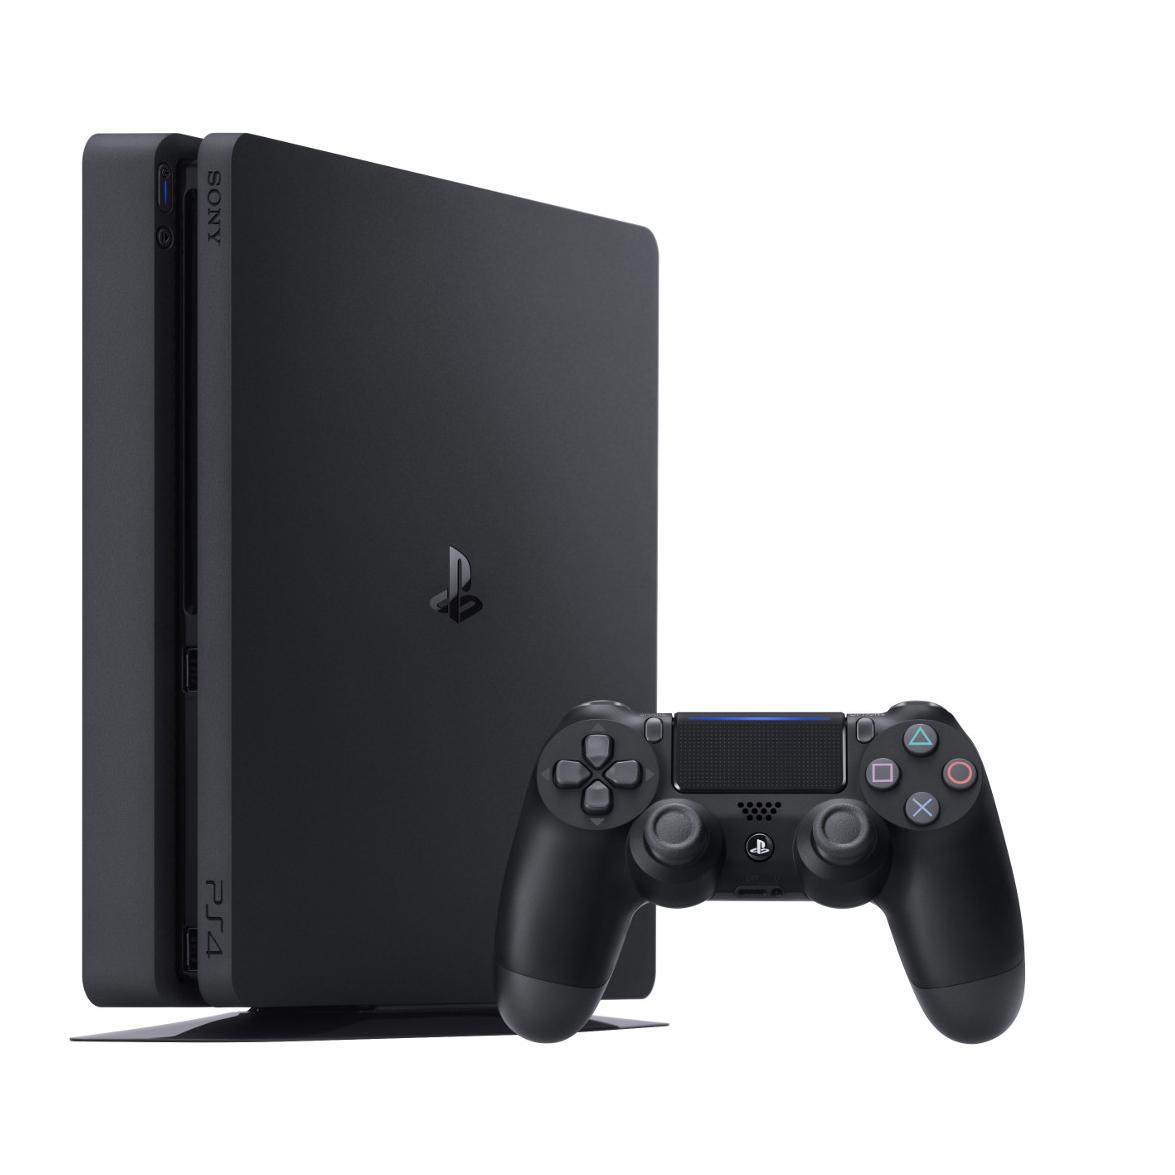 خرید                     کنسول بازی سونی مدل Playstation 4 Slim کد Region 1 CUH-2215B ظرفیت 1 ترابایت